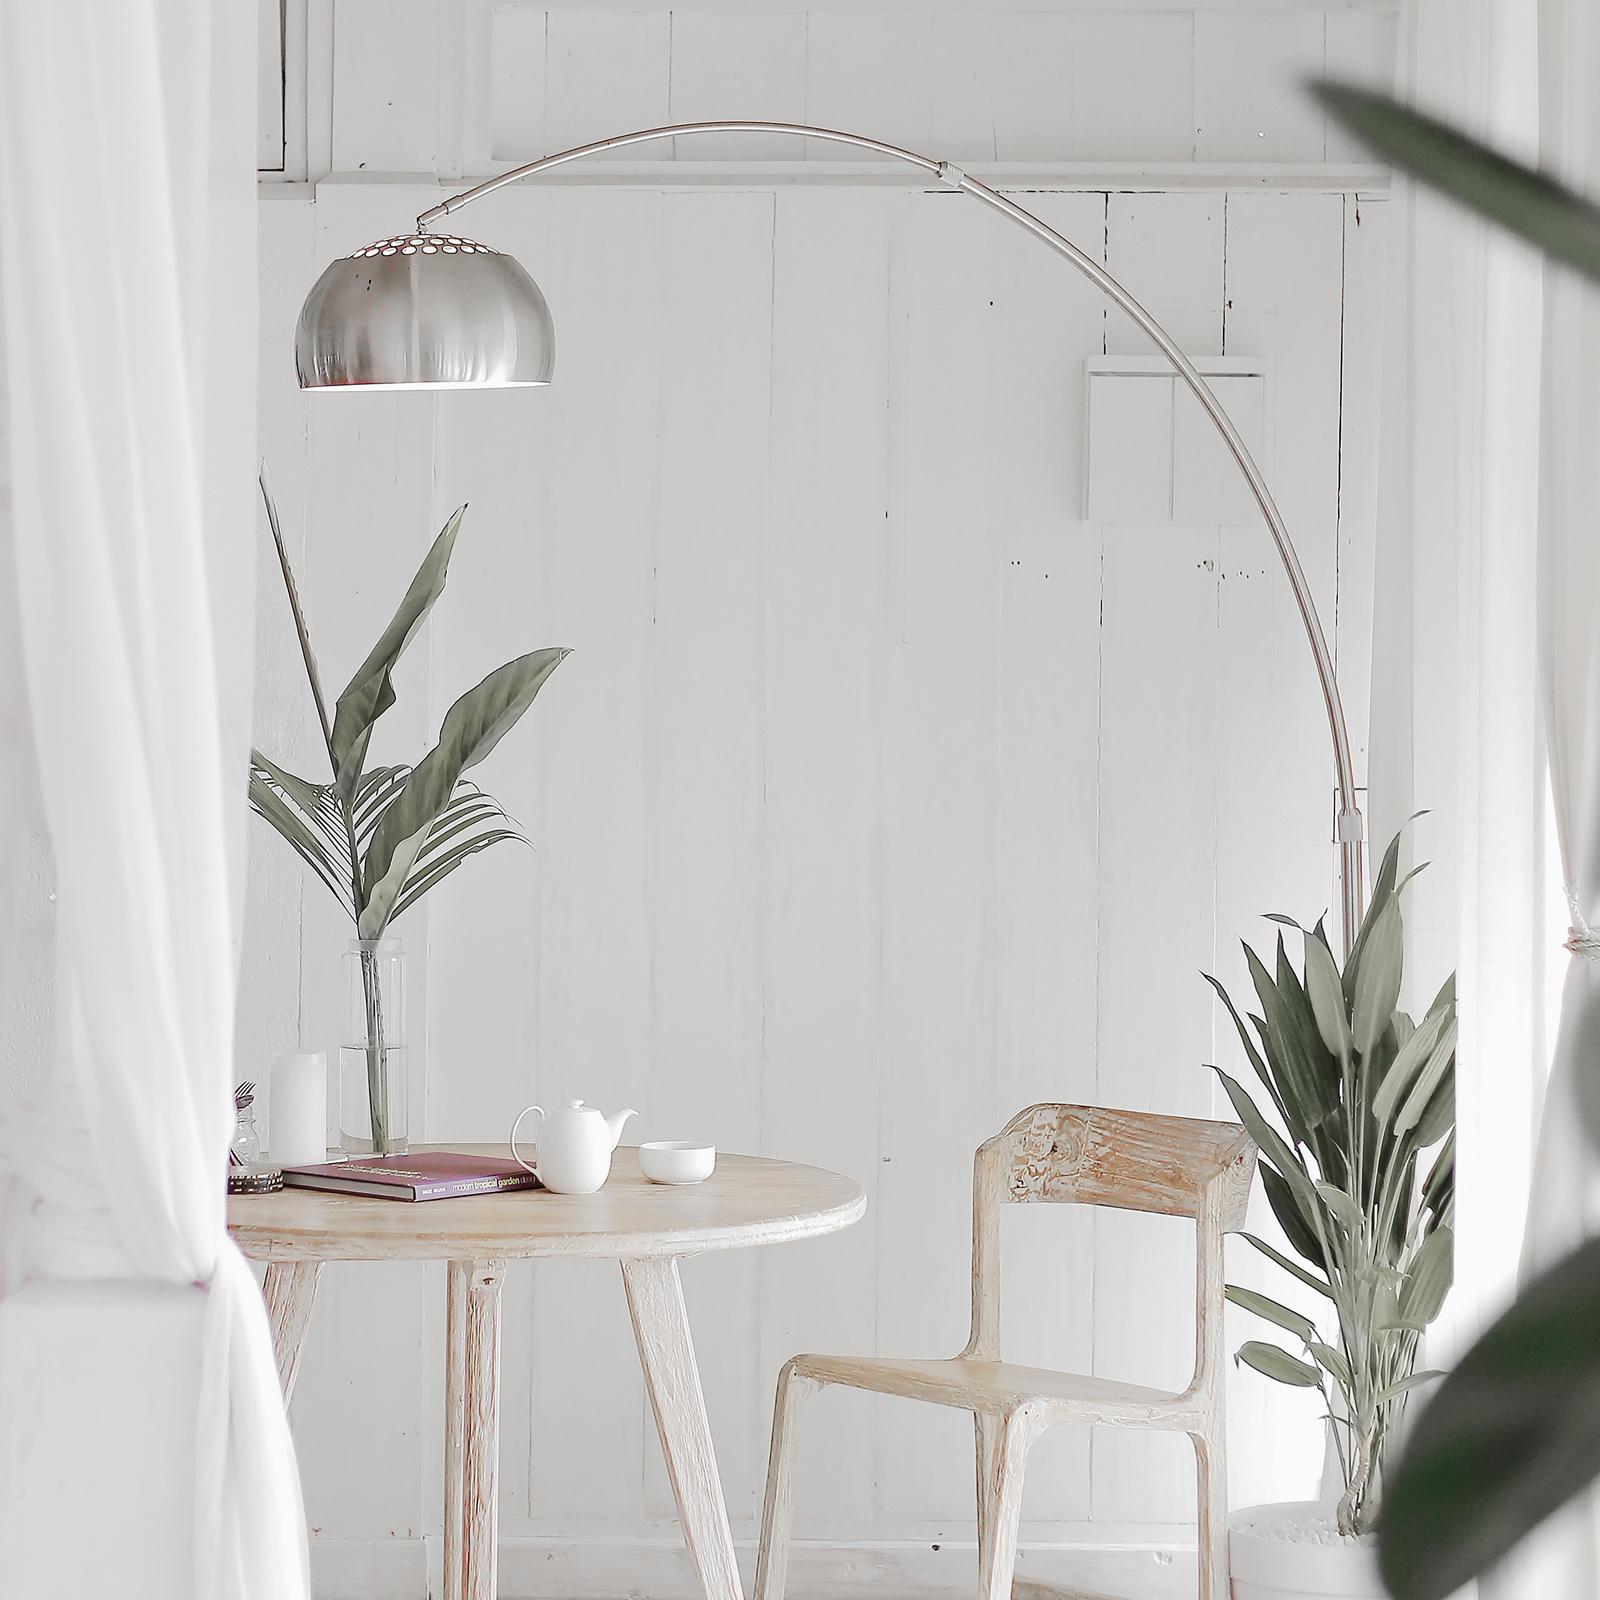 Ruhepol: Eine minimalistische Inneneinrichtung kann gemütlich sein.